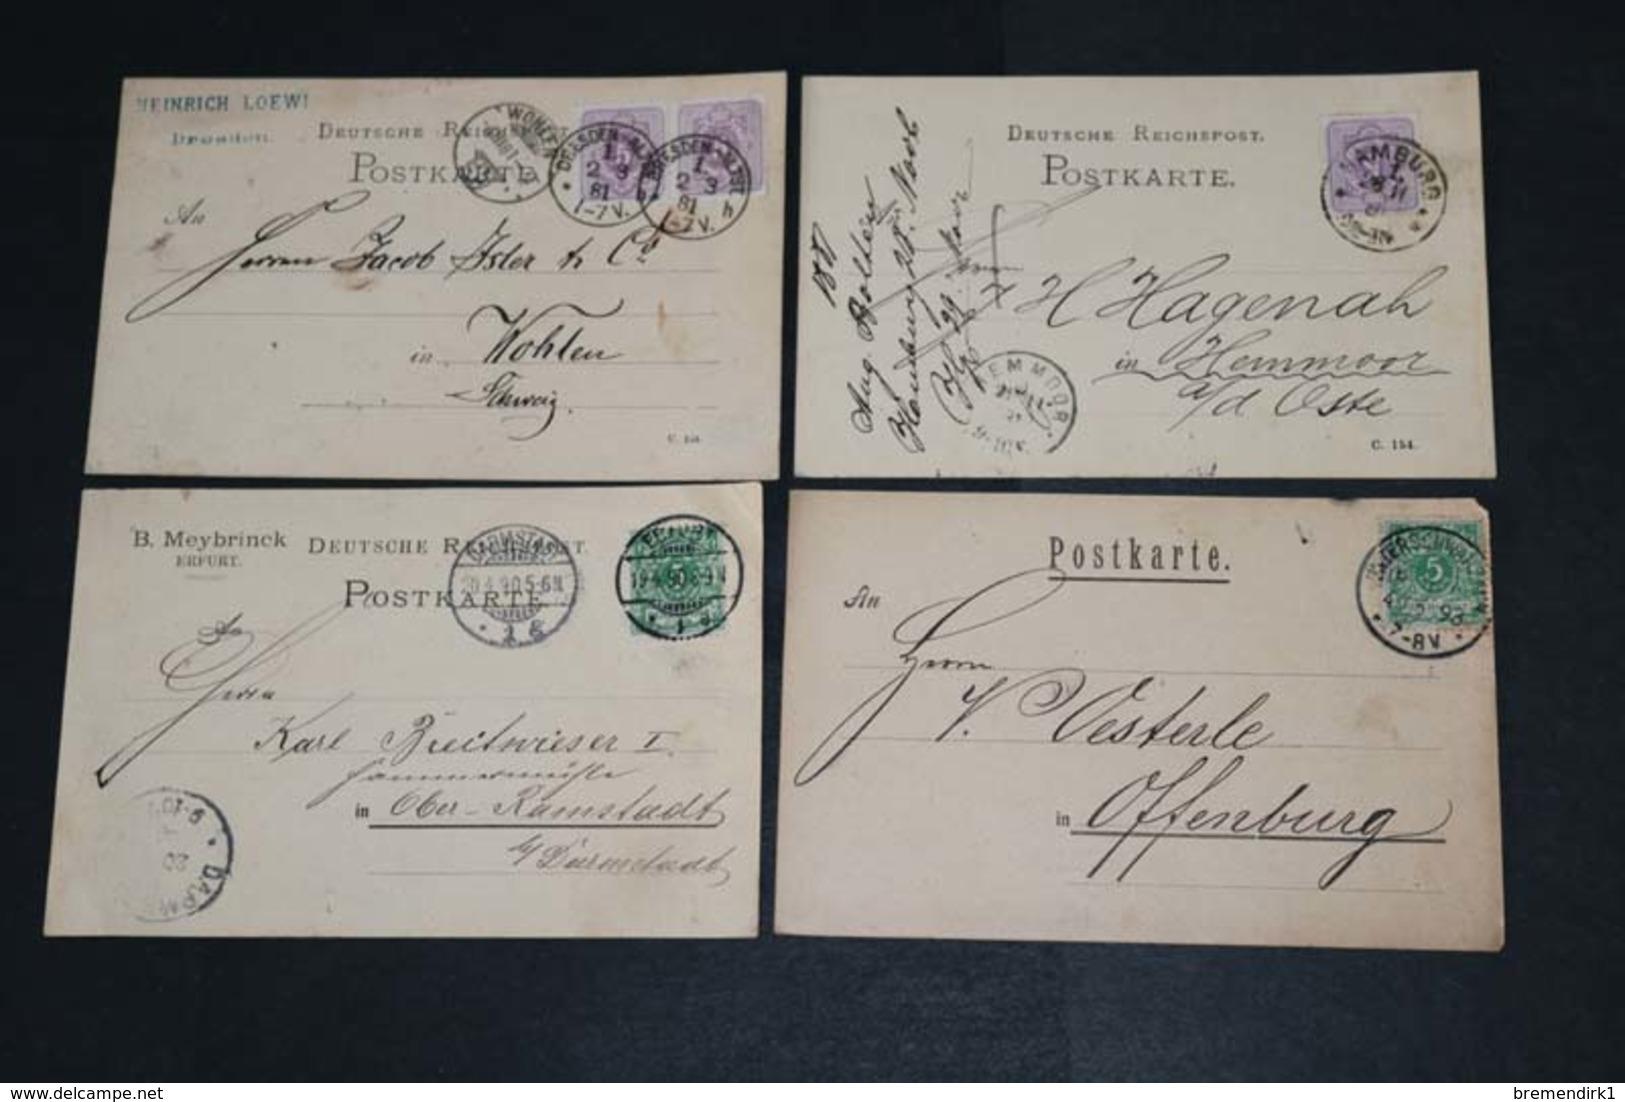 DEUTSCHES REICH Karten/ Postkarten-Posten ....196 (F) - Lots & Kiloware (min. 1000 Stück)